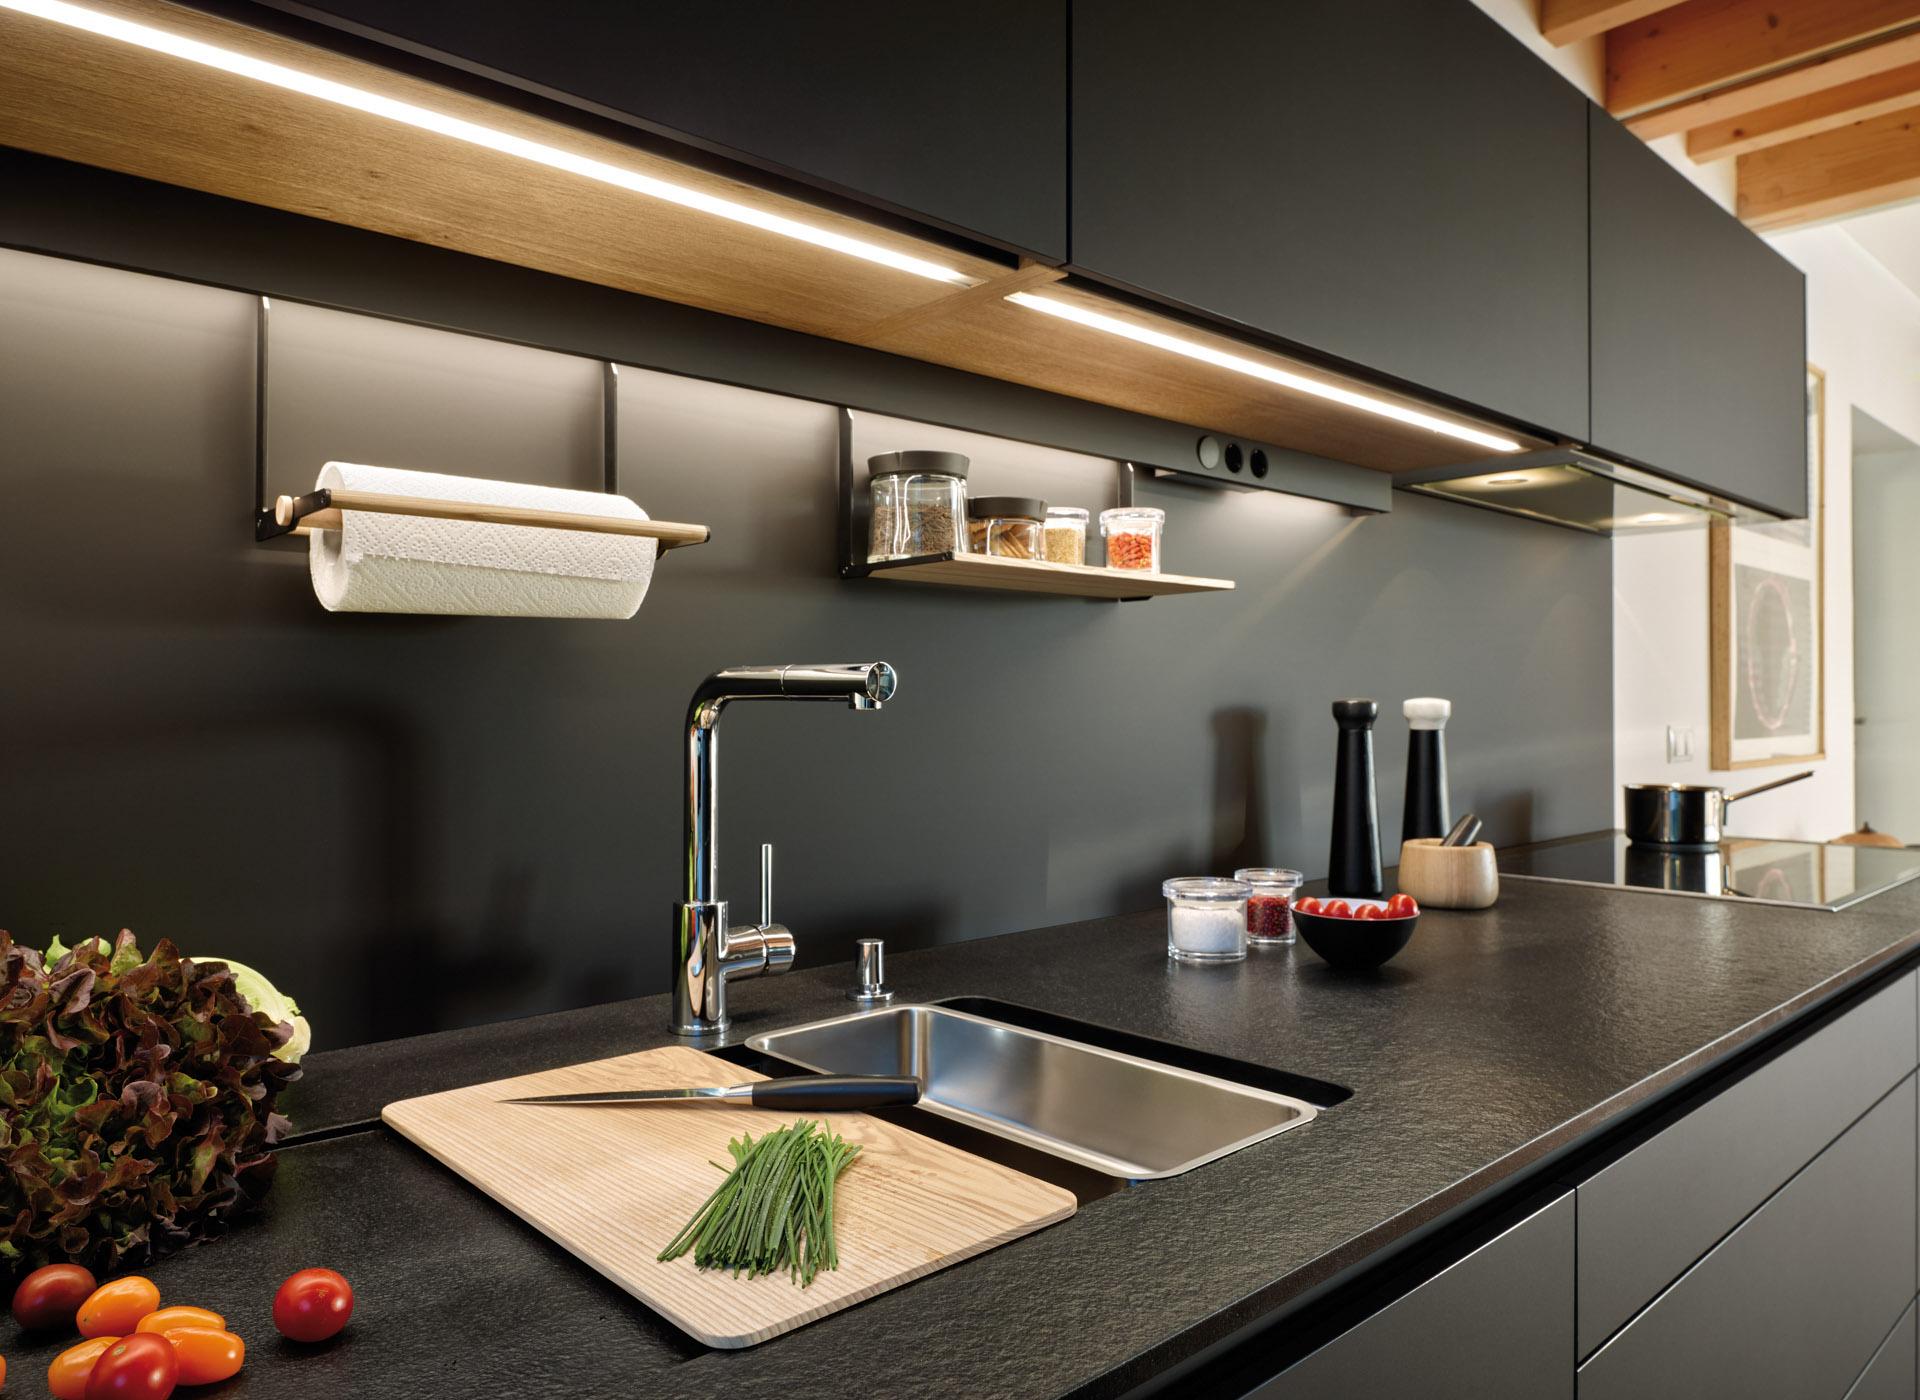 Iluminación led en cocinas en paralelo Santos